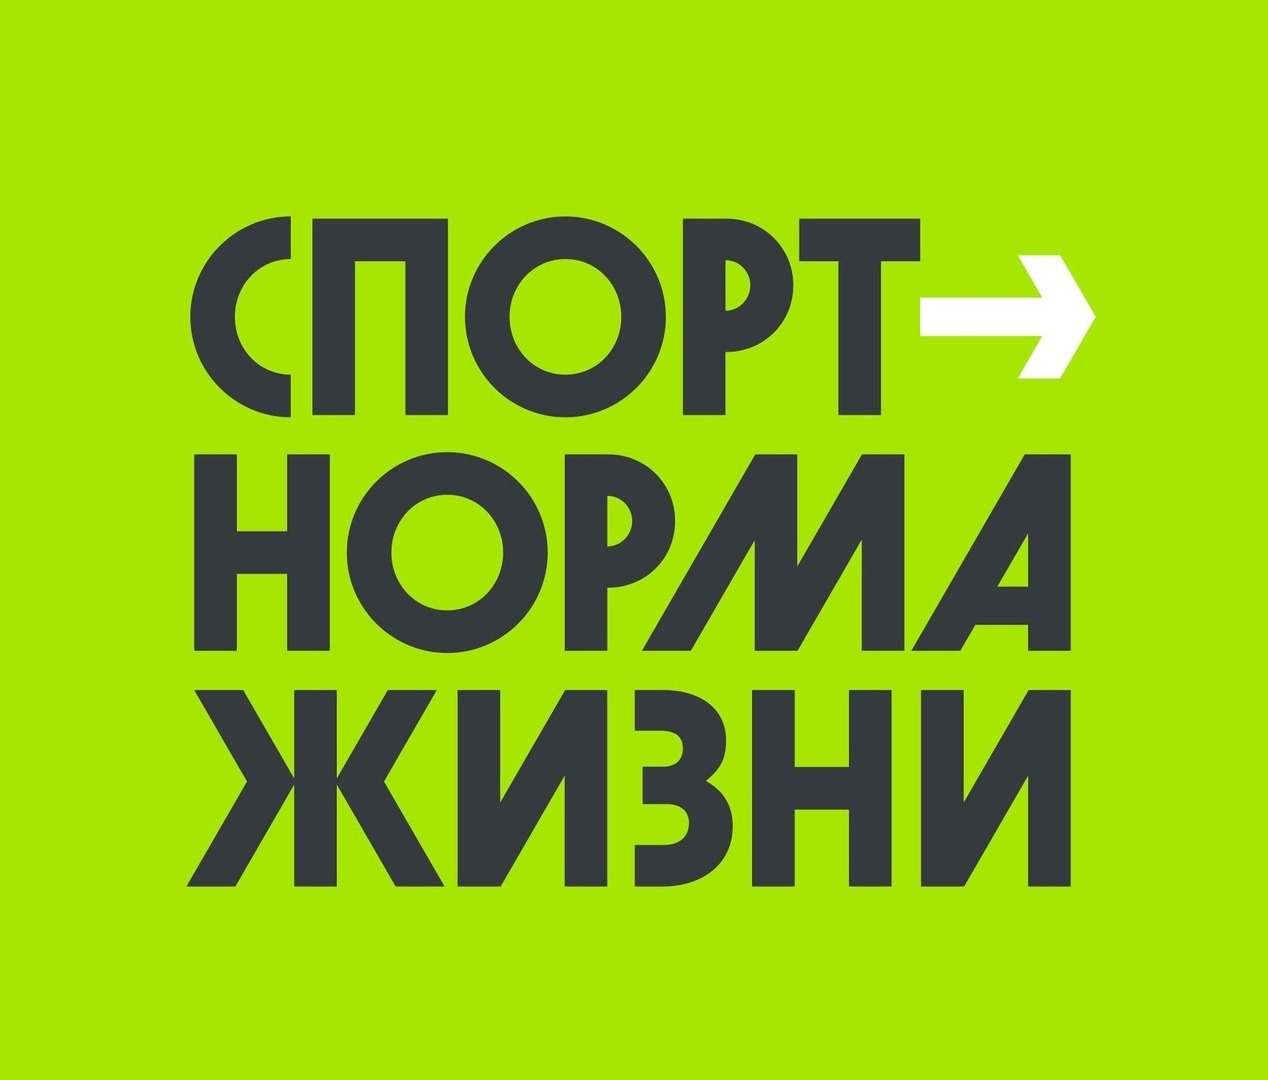 Марий Эл получит 25 млн рублей для закупки оборудования по хоккею